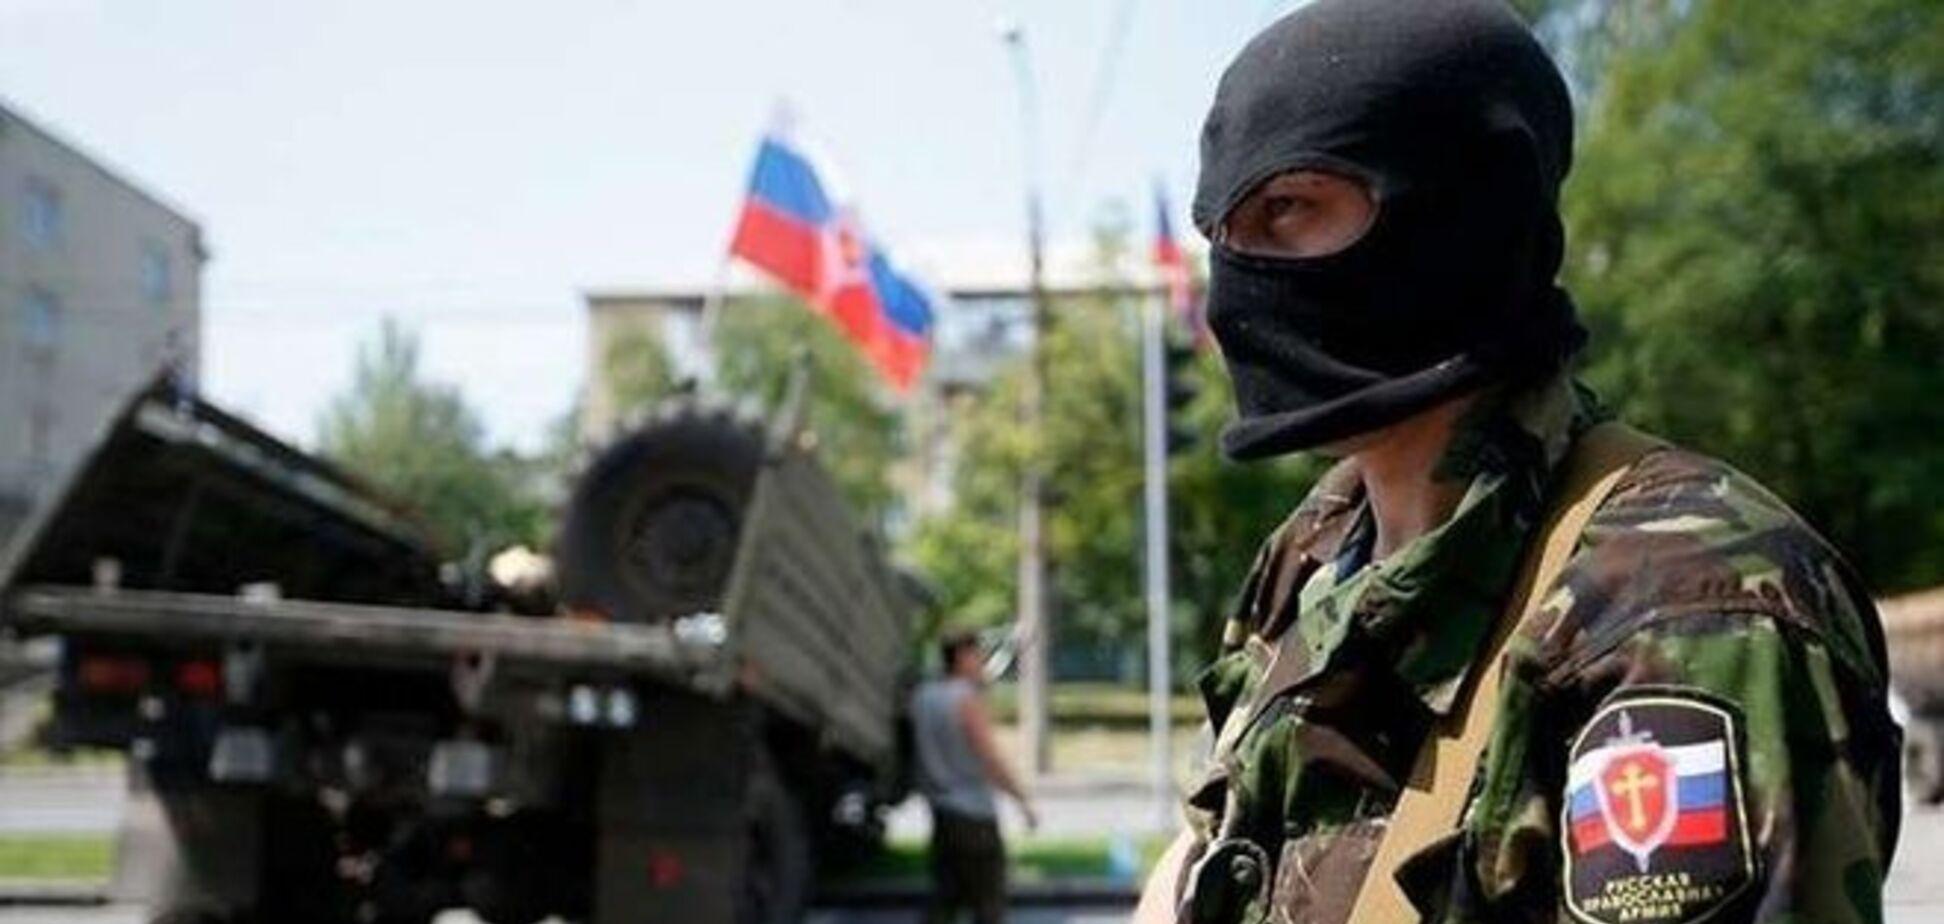 Ховався 5 років: колишній терорист 'ДНР' здався поліції України